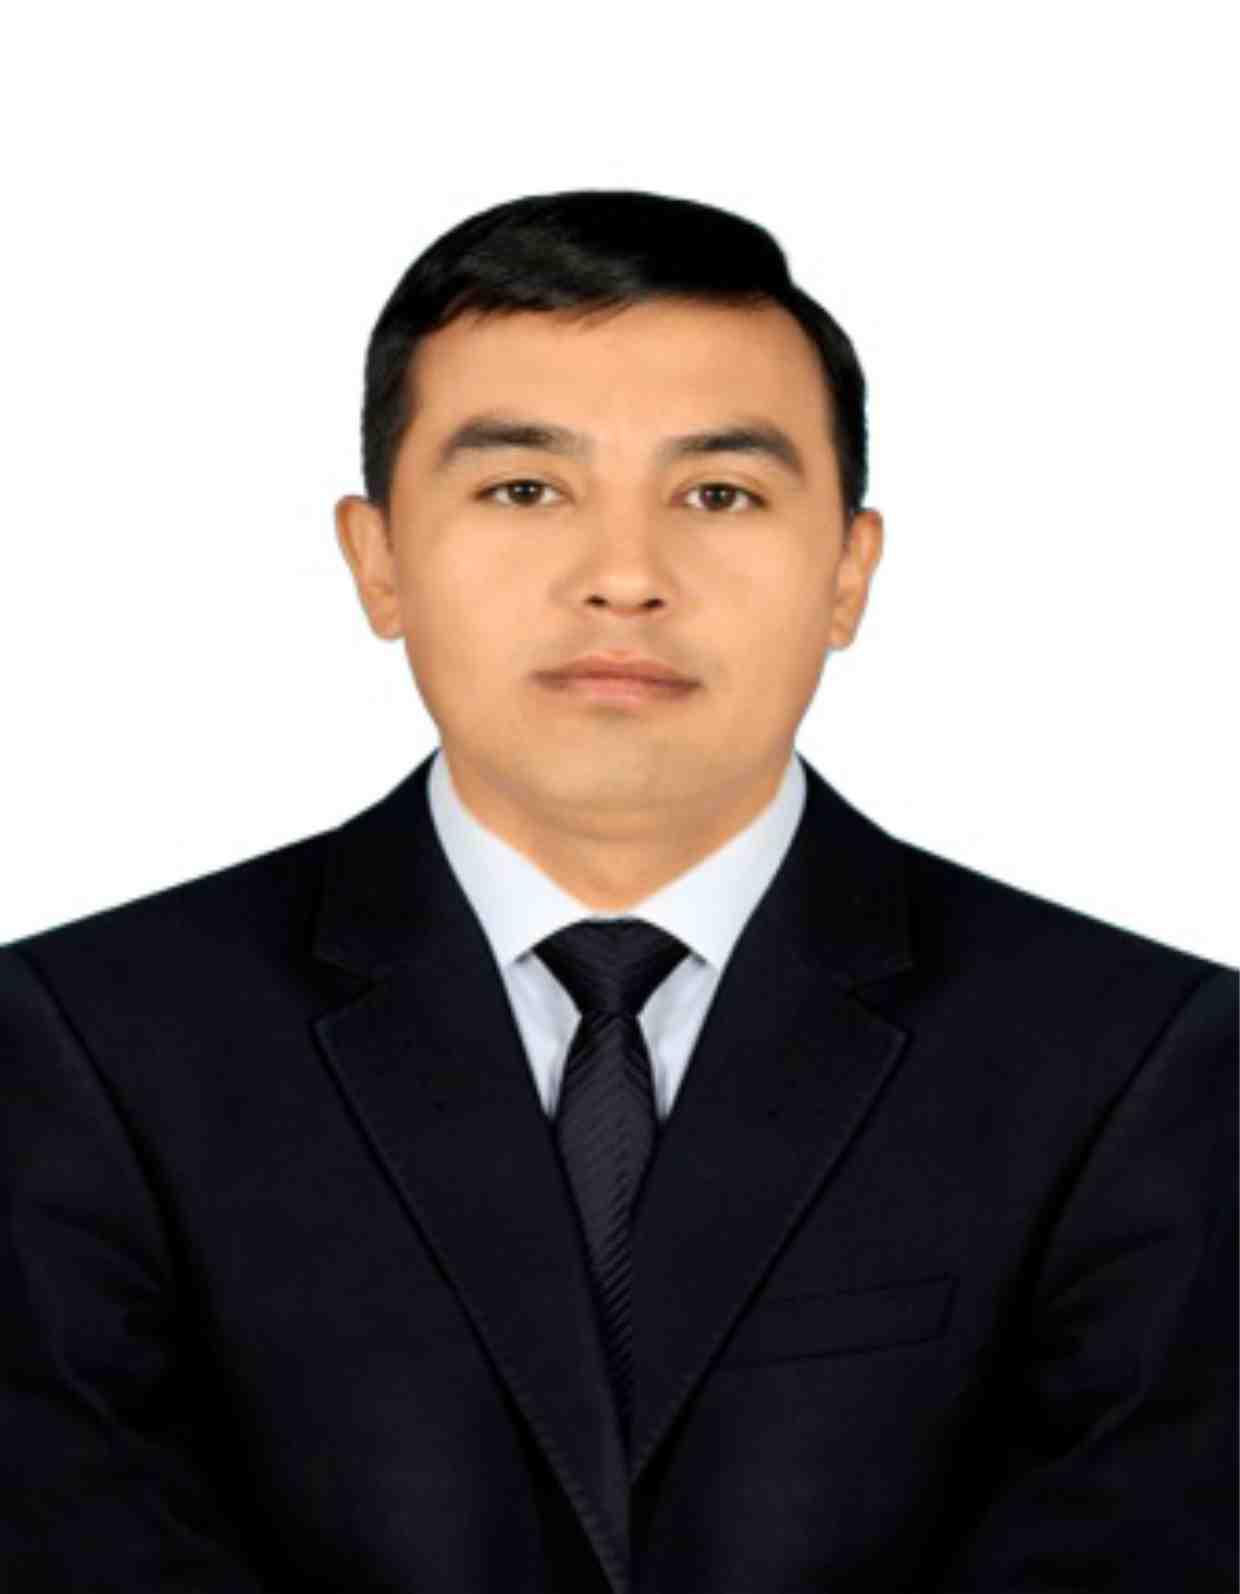 Anvarjon Qandaharov